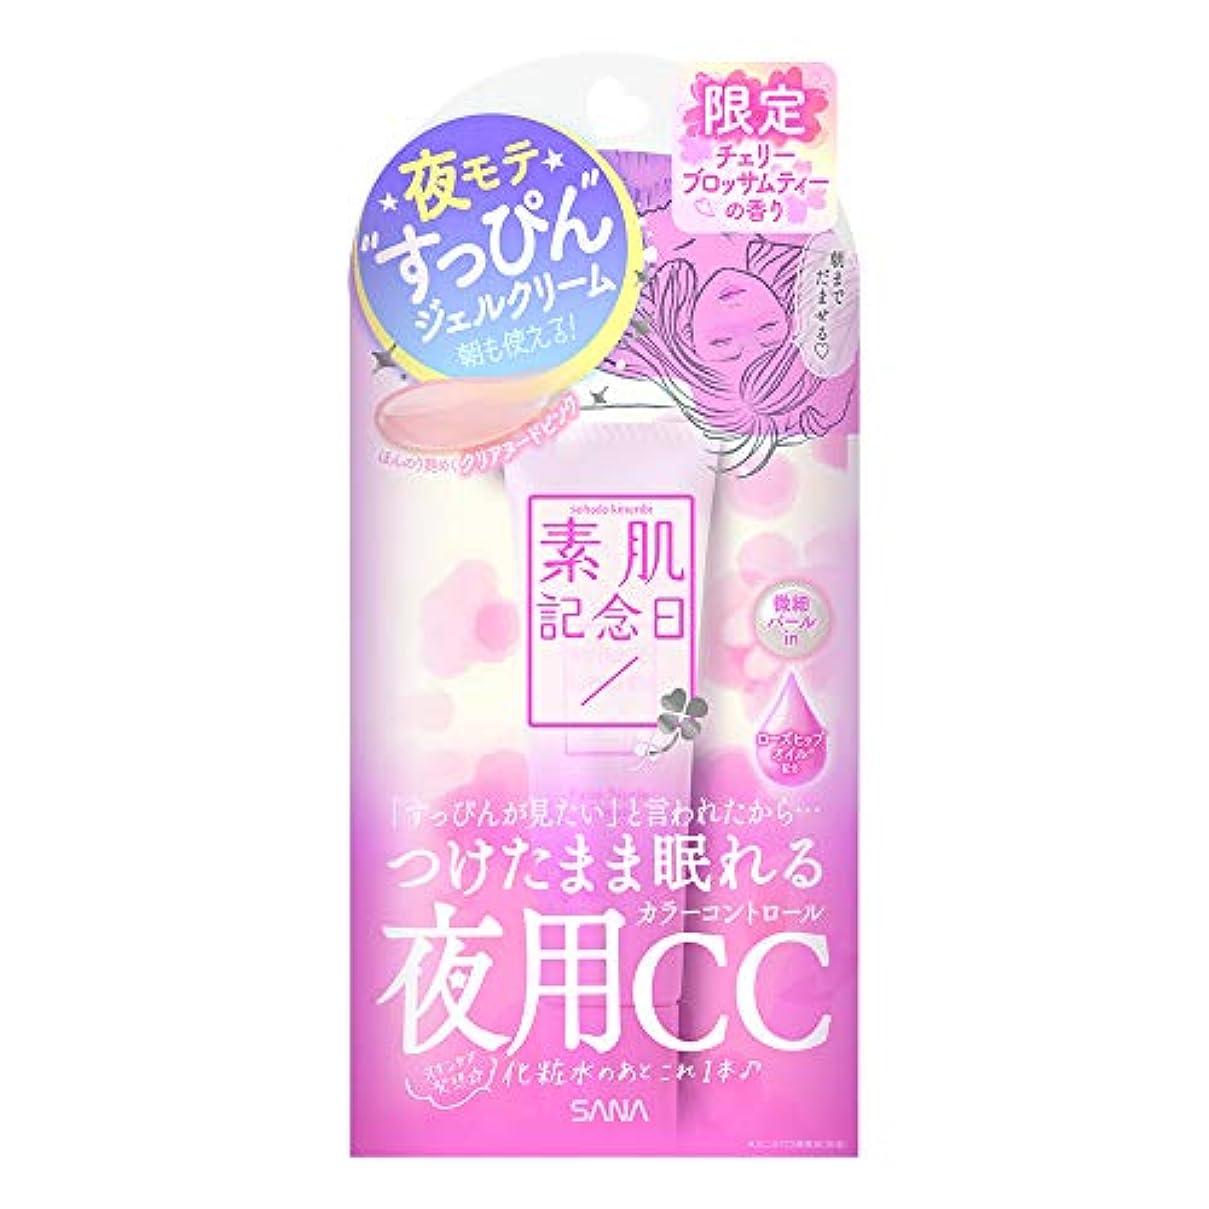 部独占確立します素肌記念日 フェイクヌードクリーム ヌードピンク チェリーブロッサムティの香り 30g